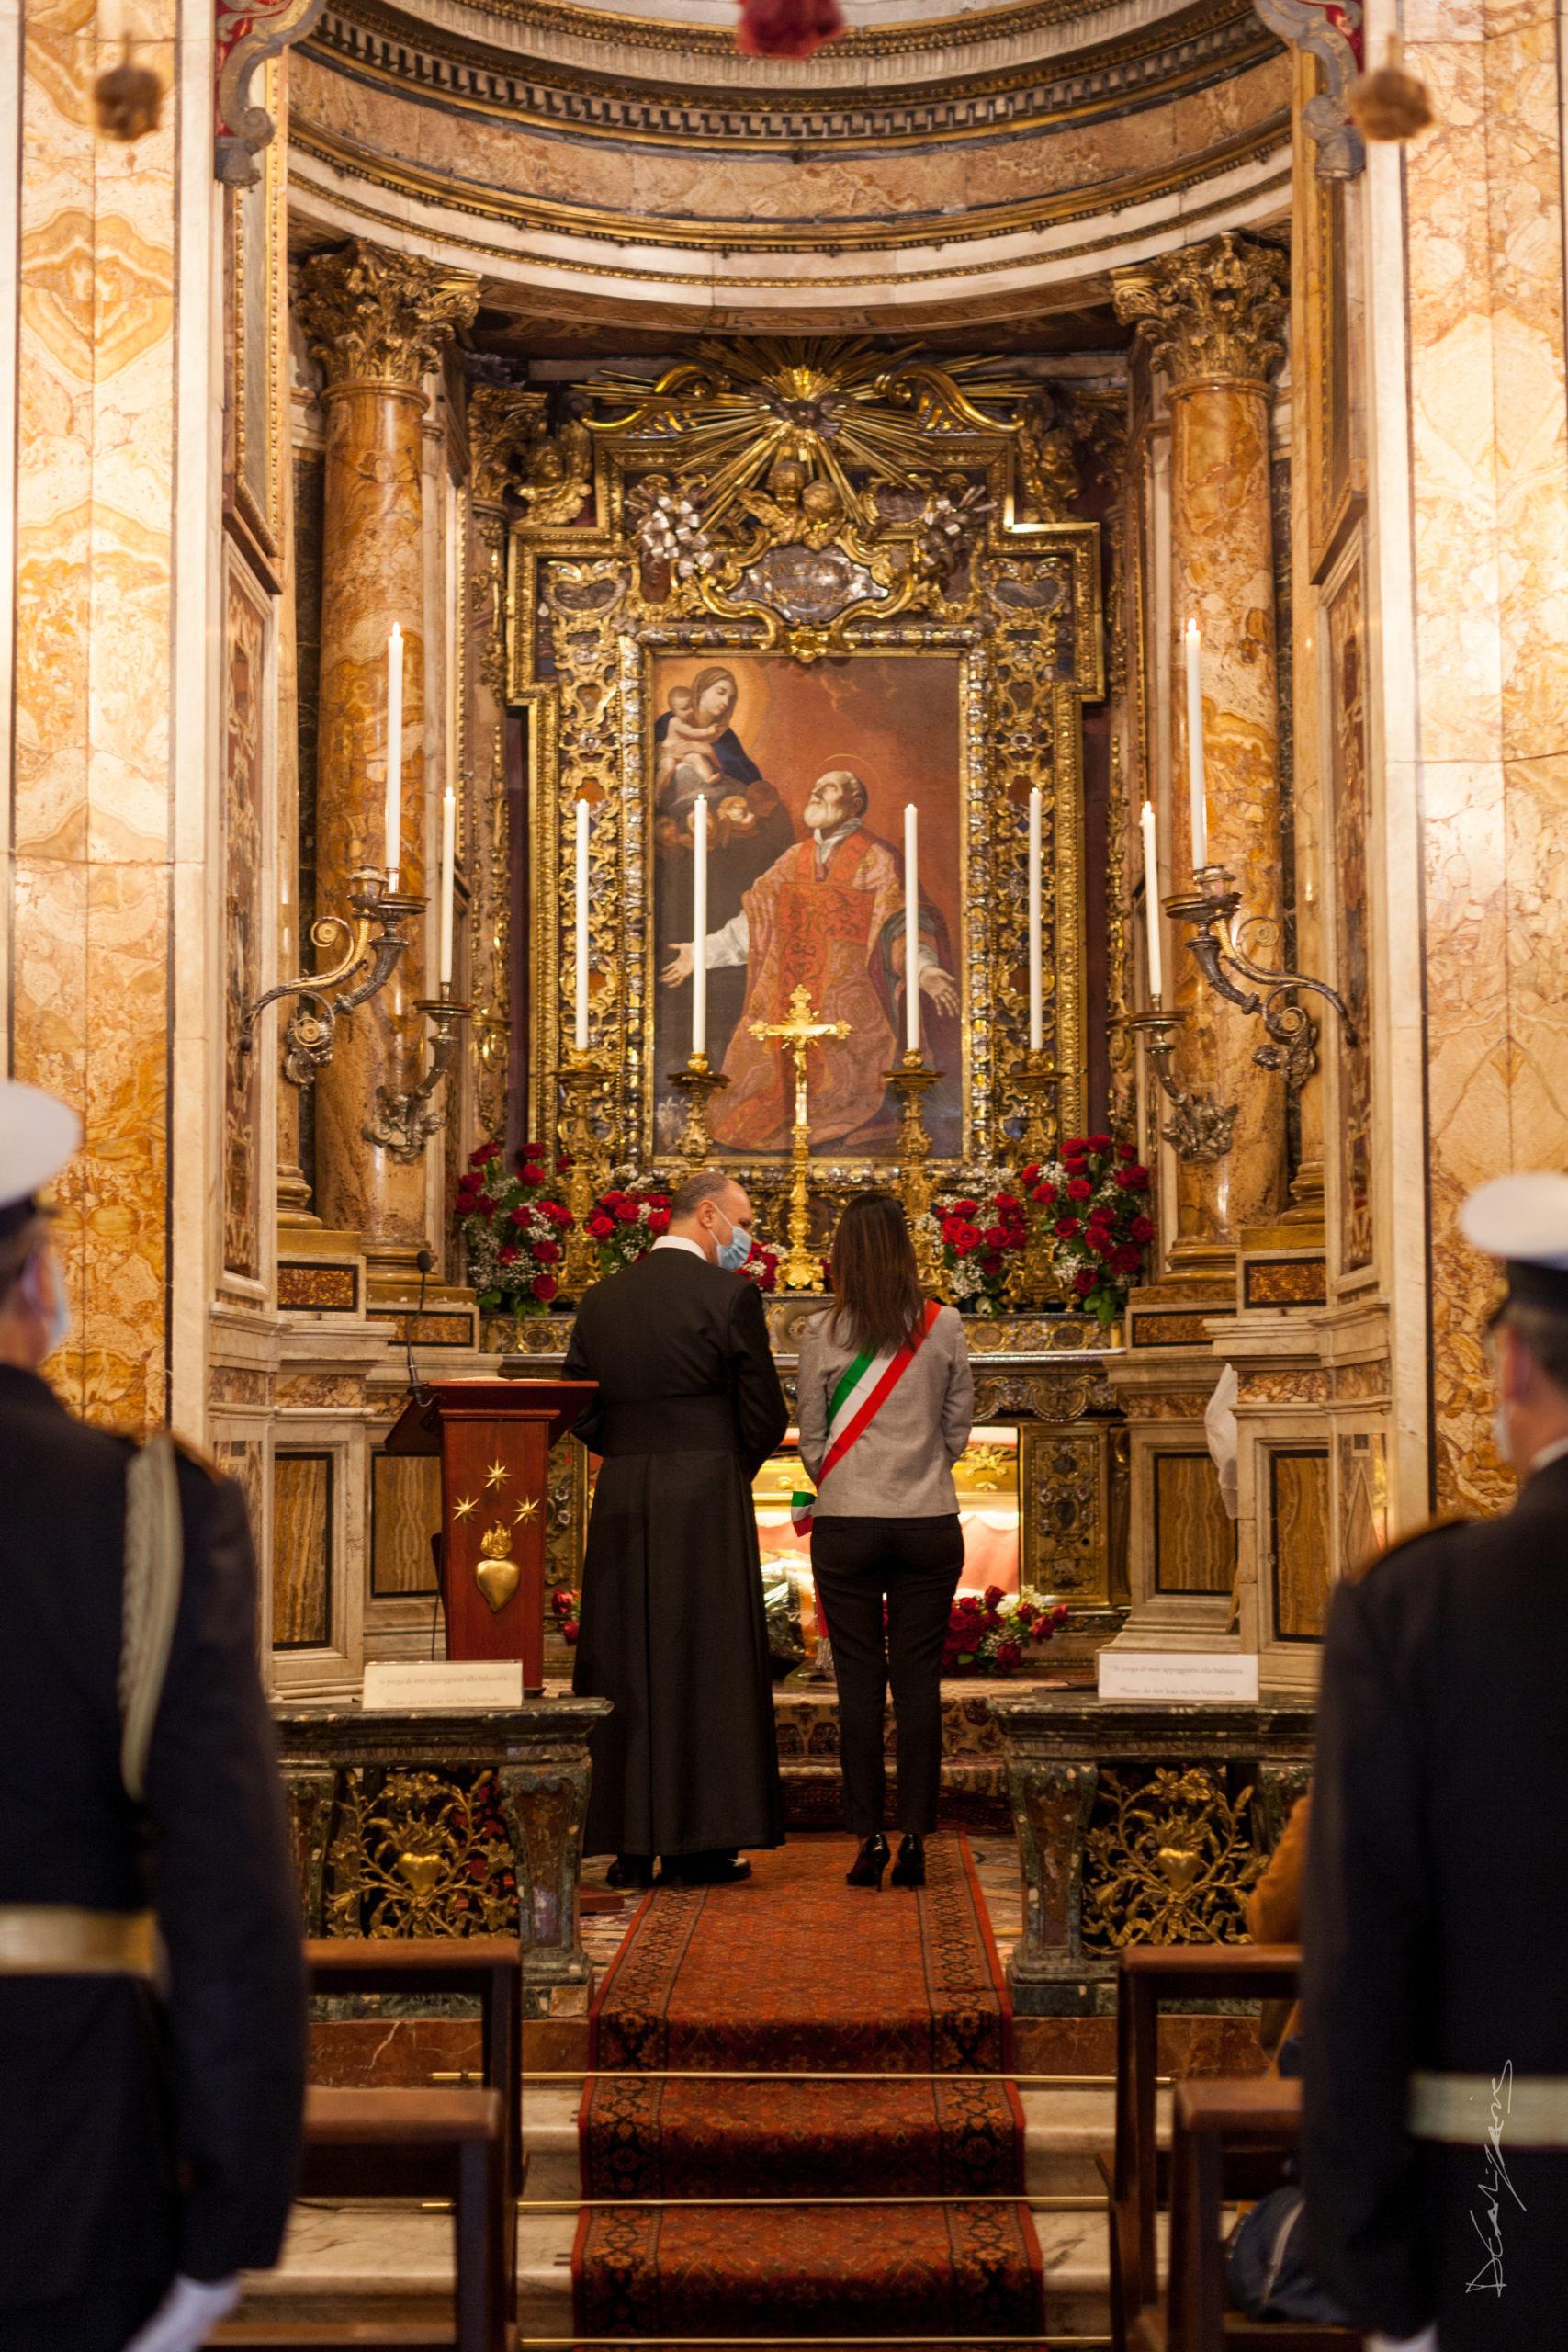 Solennità di San Filippo Neri 2021 – Omaggio della Sindaca Virginia Raggi a San Filippo Neri, Compatrono di Roma